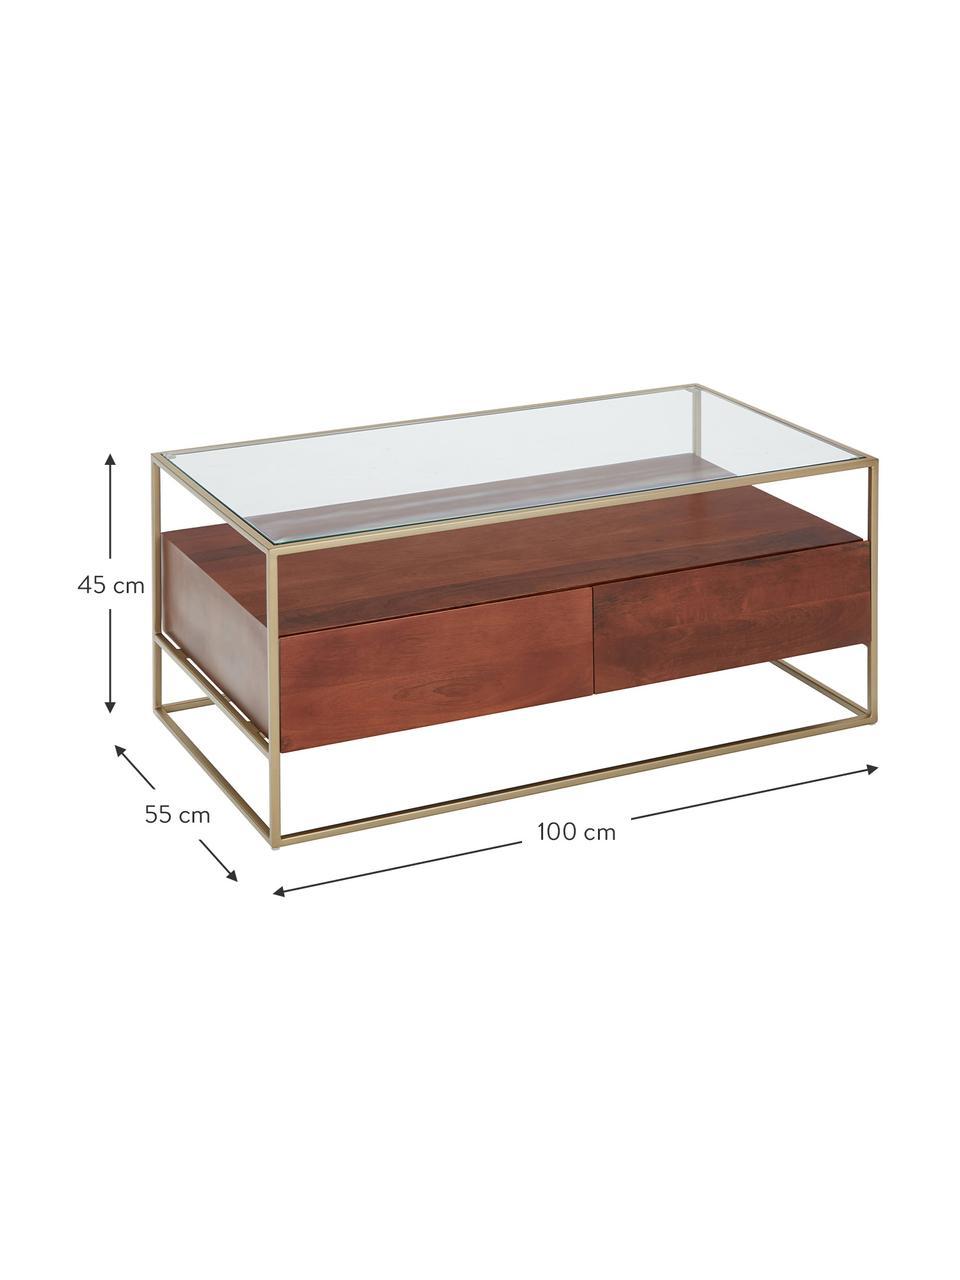 Table basse avec tiroirs Theodor, Transparent, bois de manguier, couleur dorée